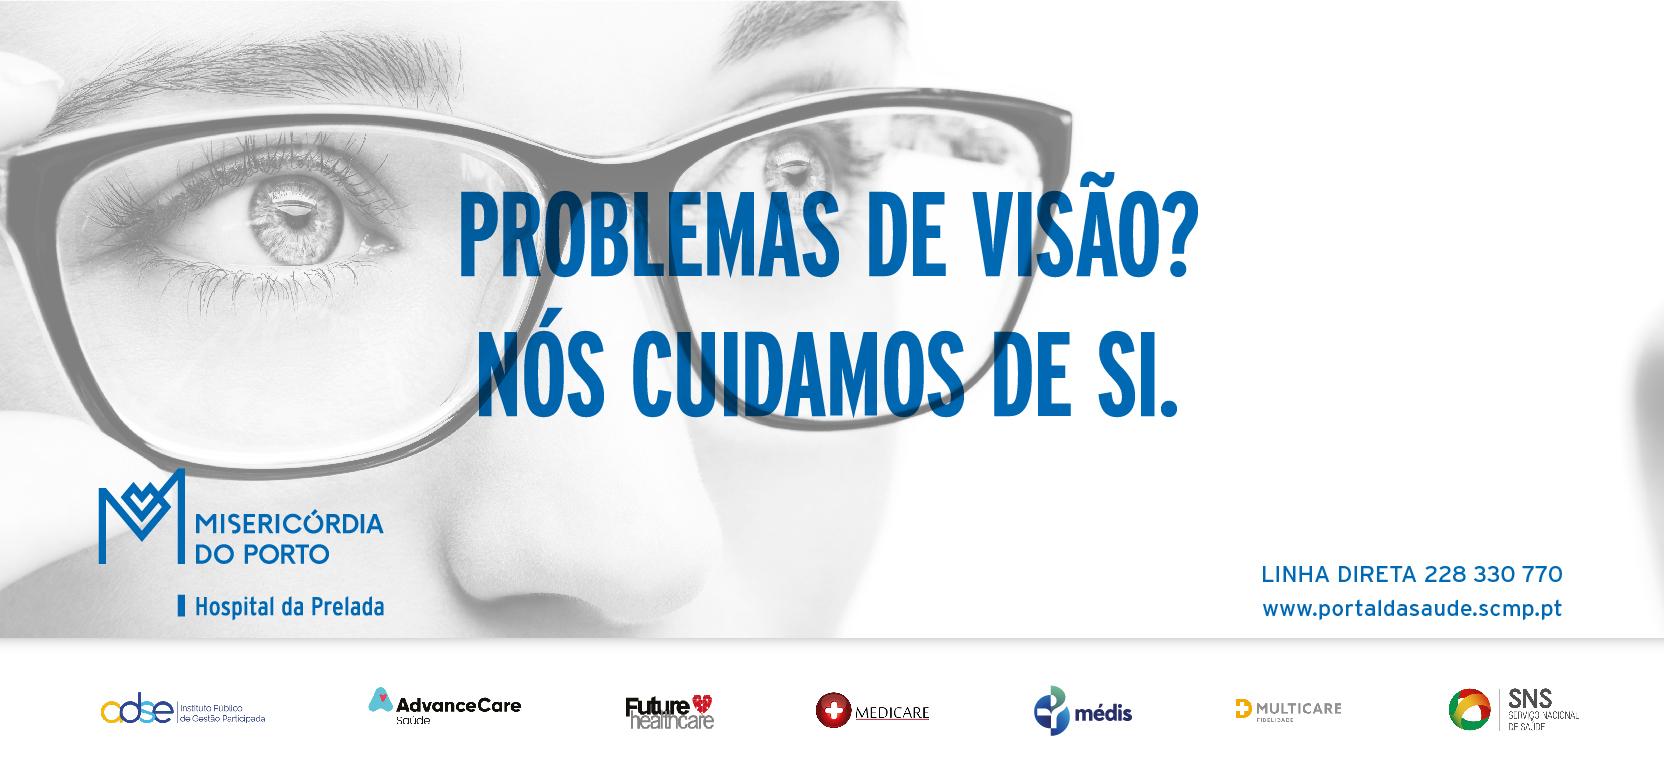 https://portaldasaude.scmp.pt/assets/misc/img/especialidades/Oftalmologia/Vis%C3%A3o/HP_facebook%20post08%20out%20banner-100.jpg